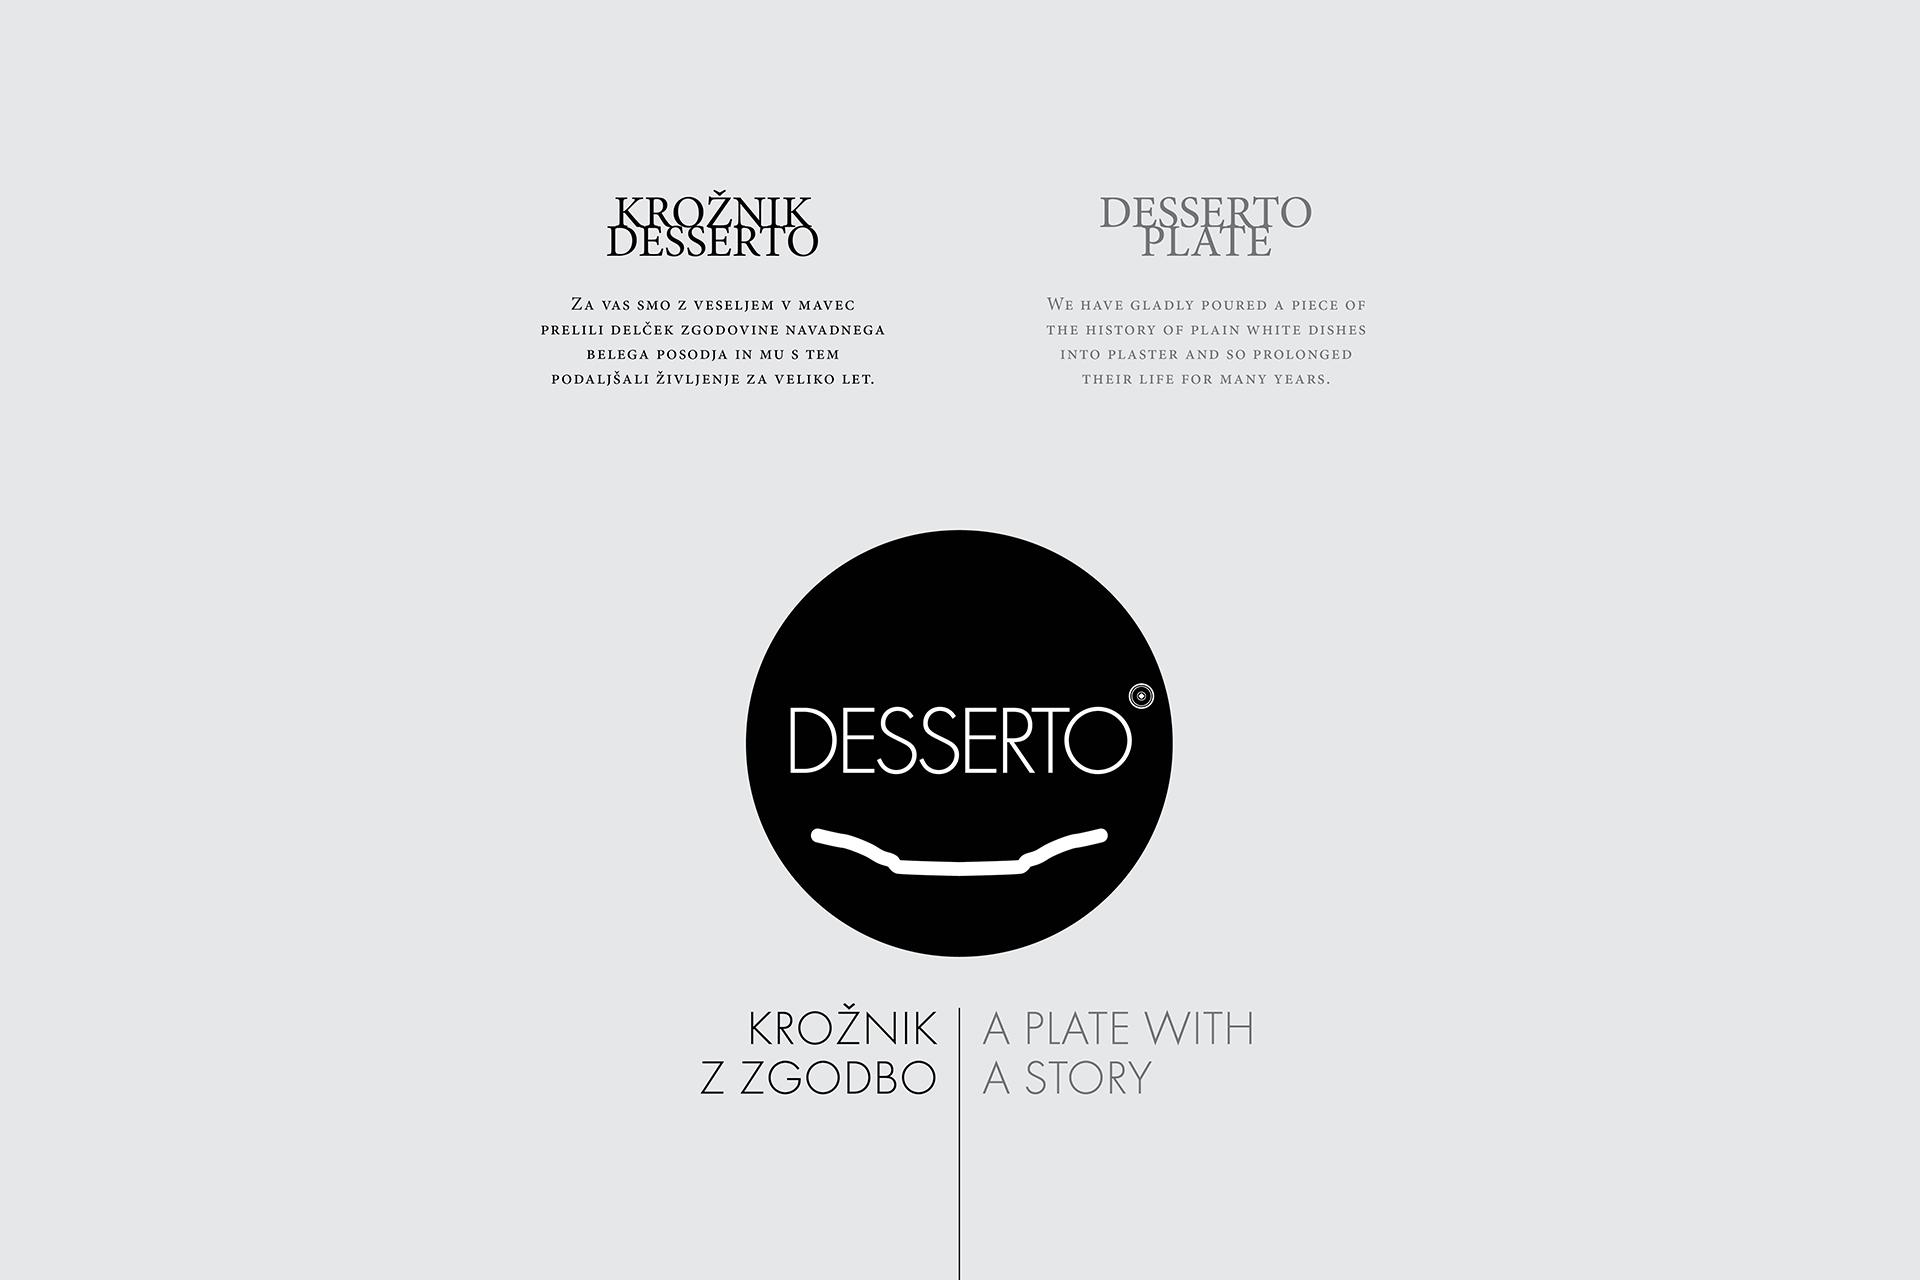 desserto_plakat_podoba2